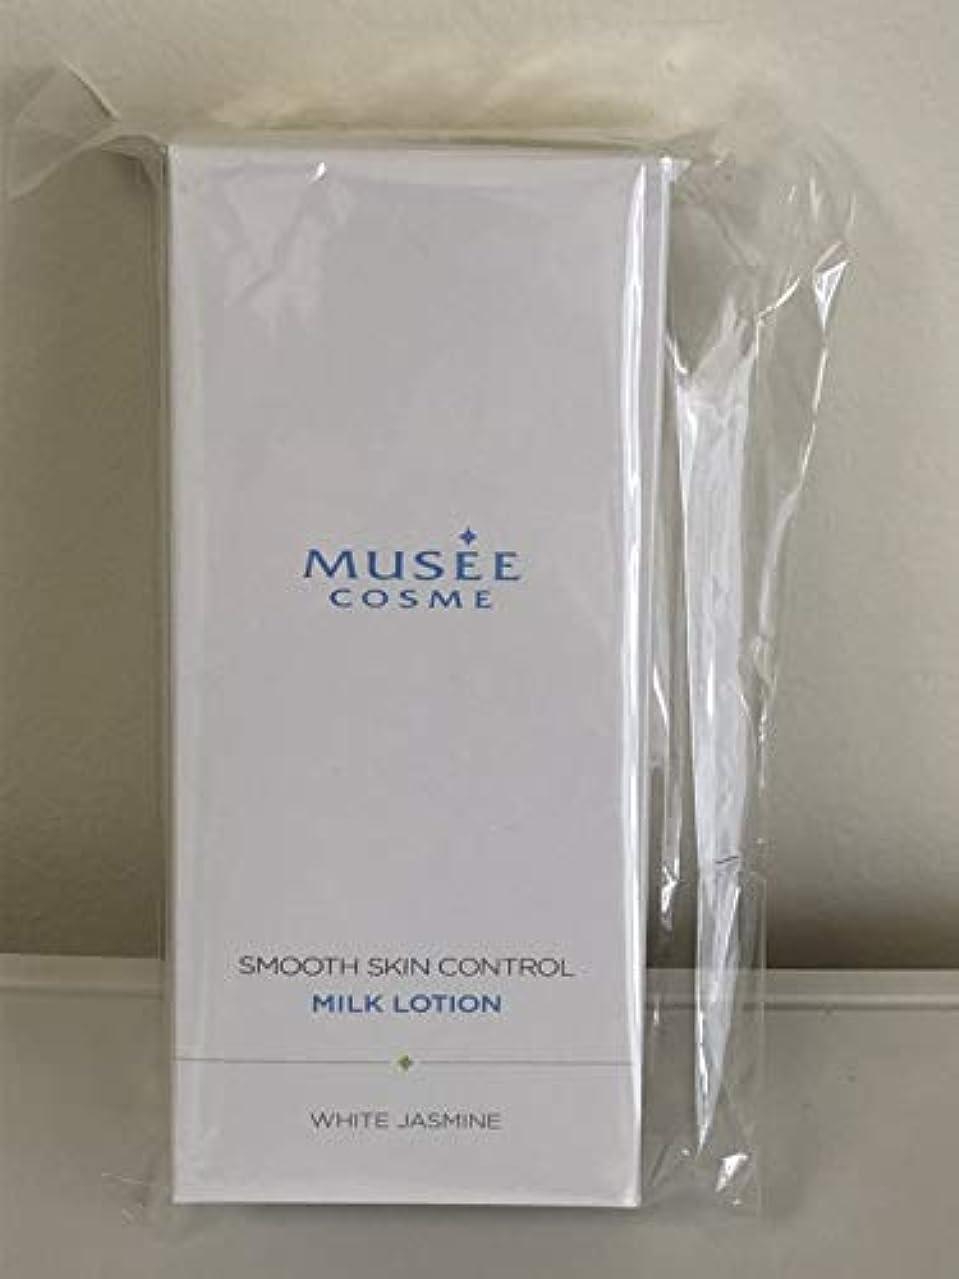 チーター深める聞きますミュゼコスメ 薬用スムーススキンコントロール ミルクローション 300mL ホワイトジャスミンの香り